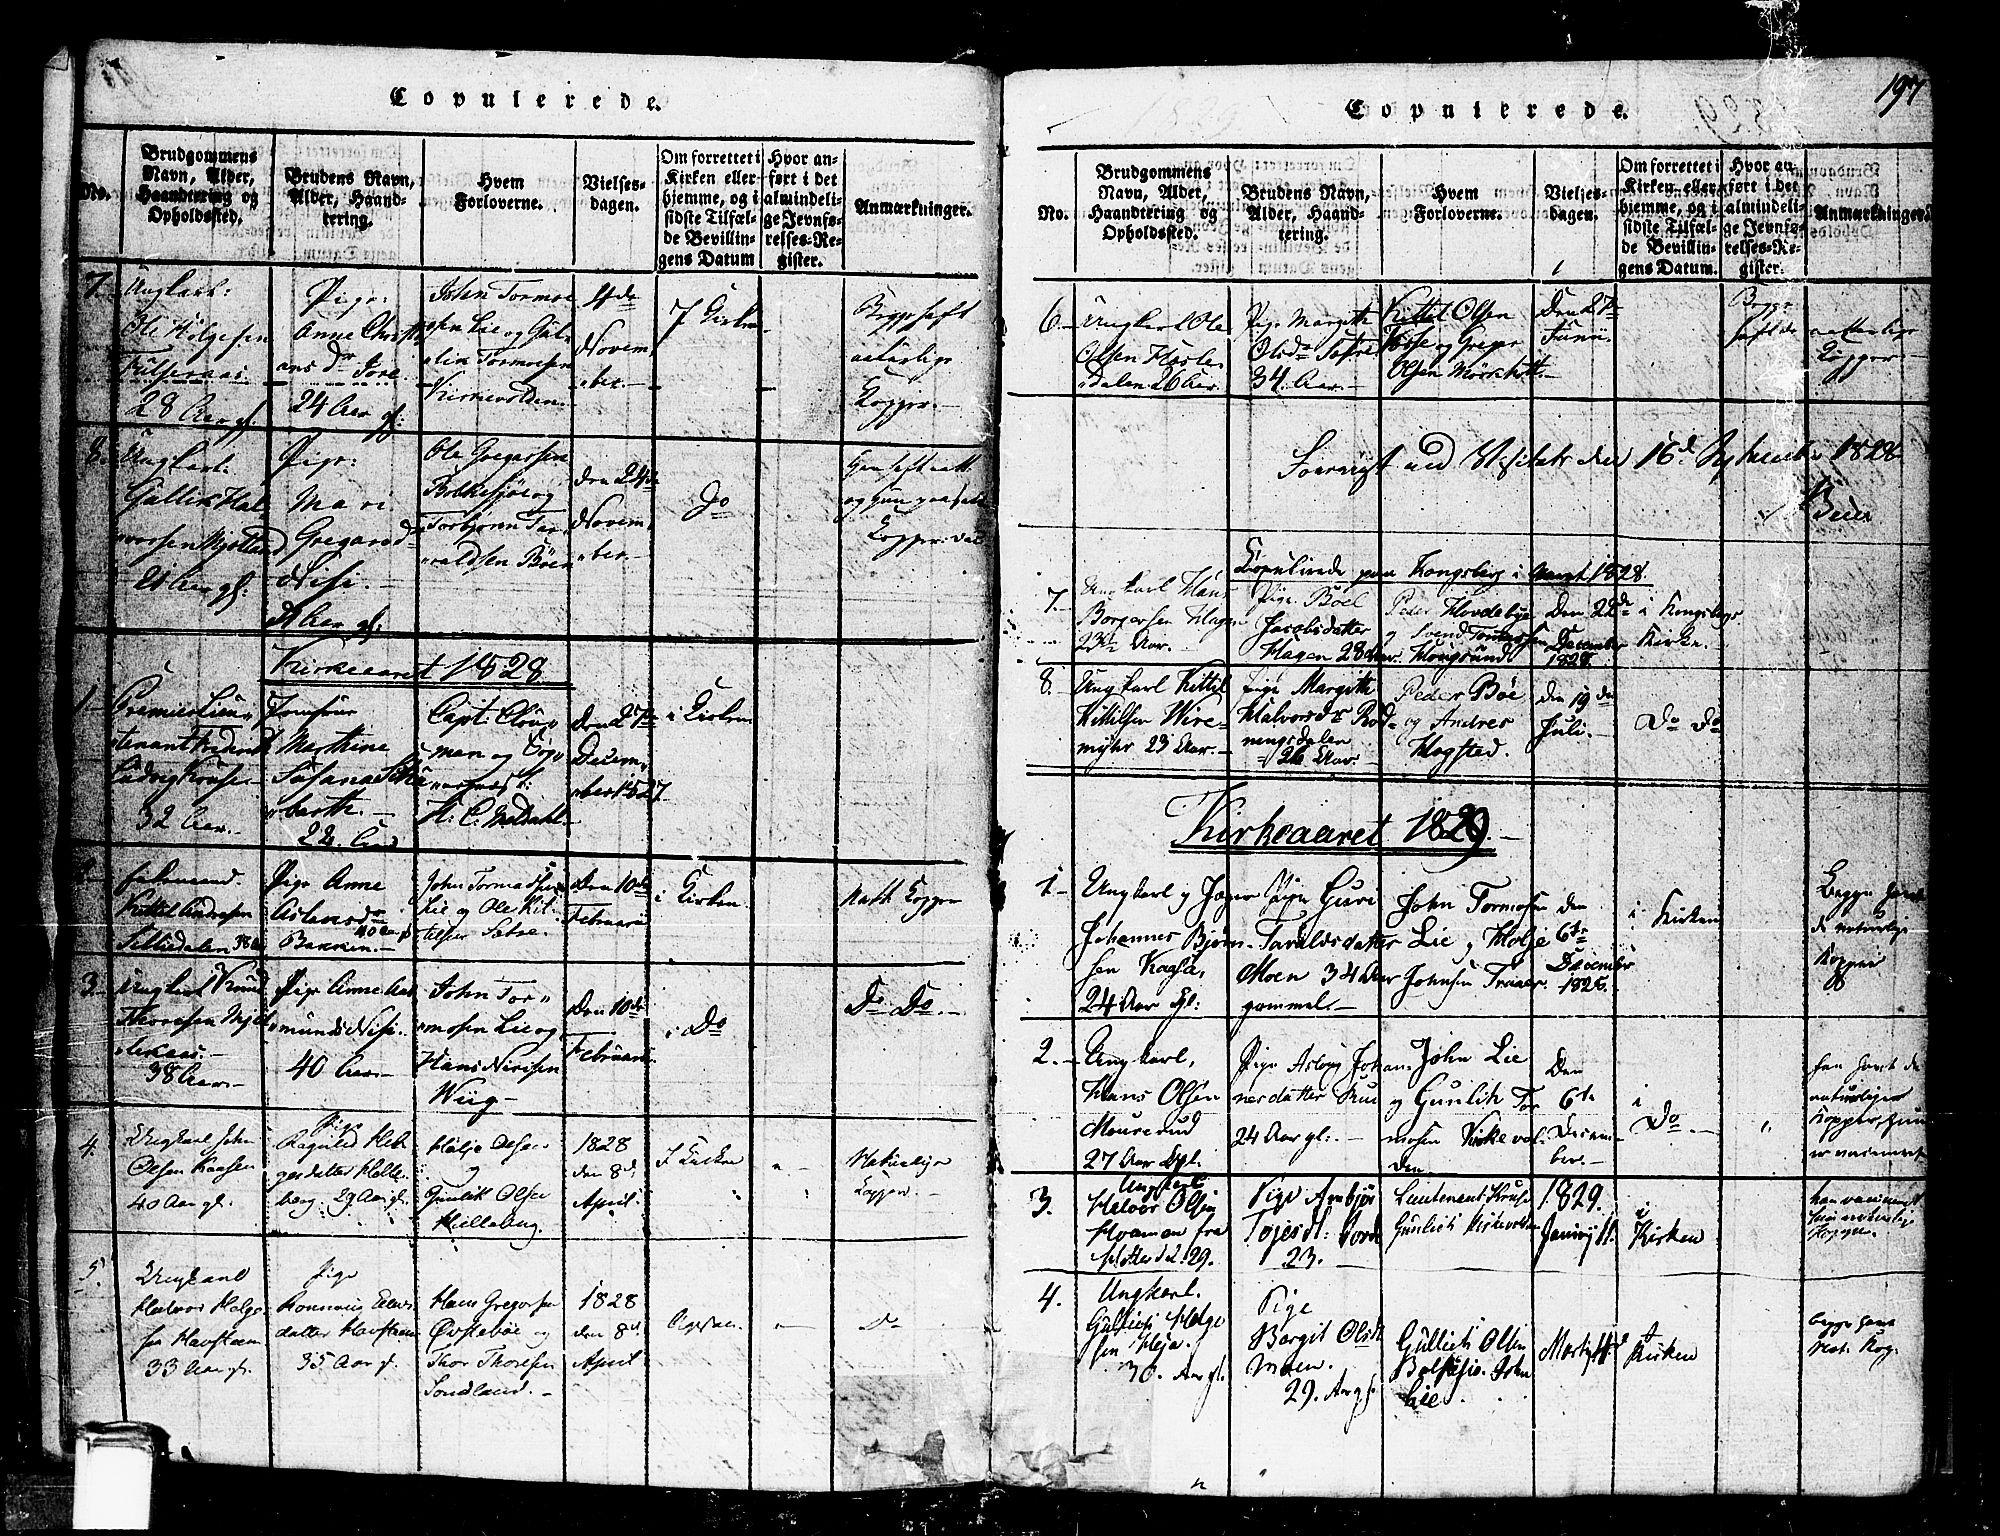 SAKO, Gransherad kirkebøker, F/Fa/L0001: Ministerialbok nr. I 1, 1815-1843, s. 197